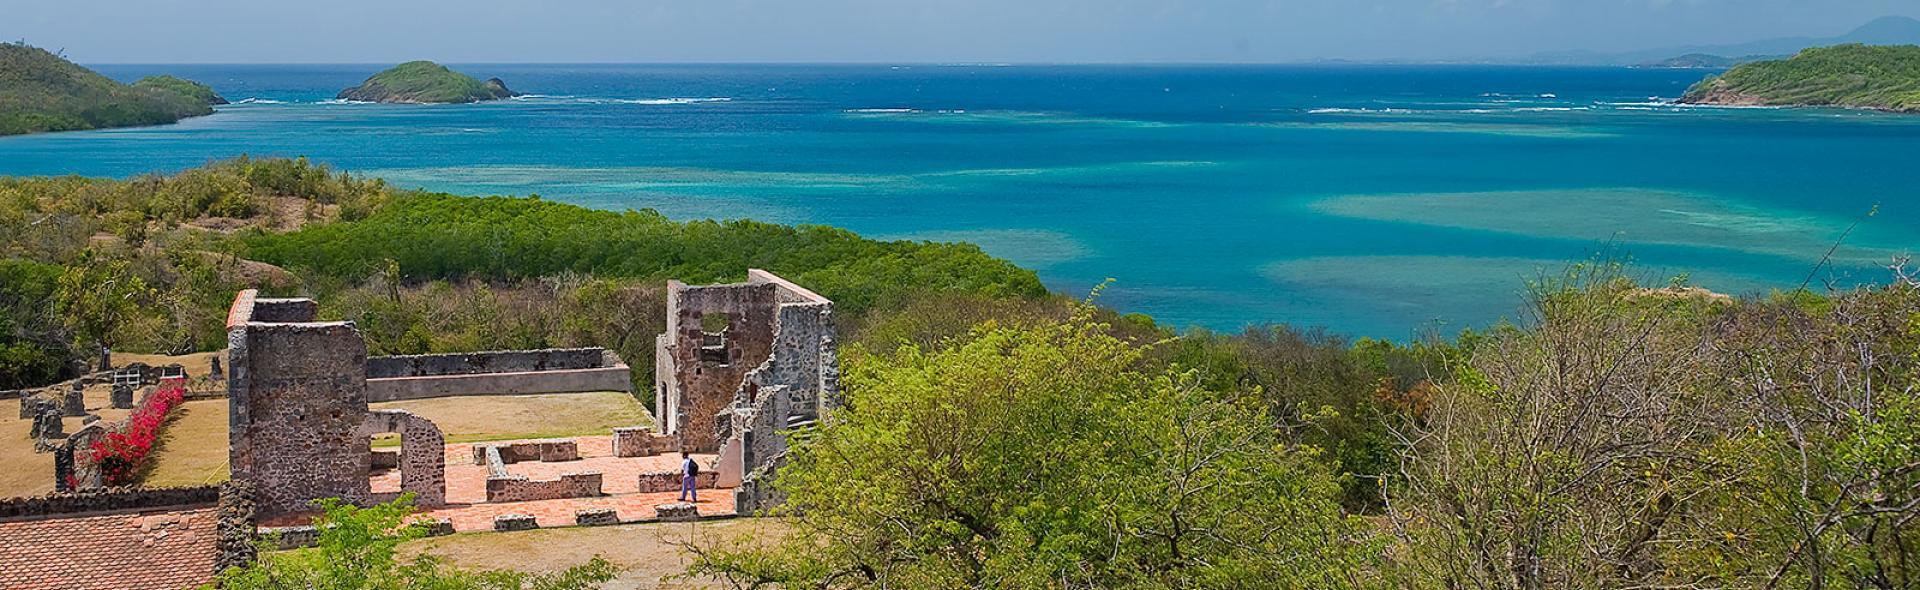 Chateau Dubuc Martinique